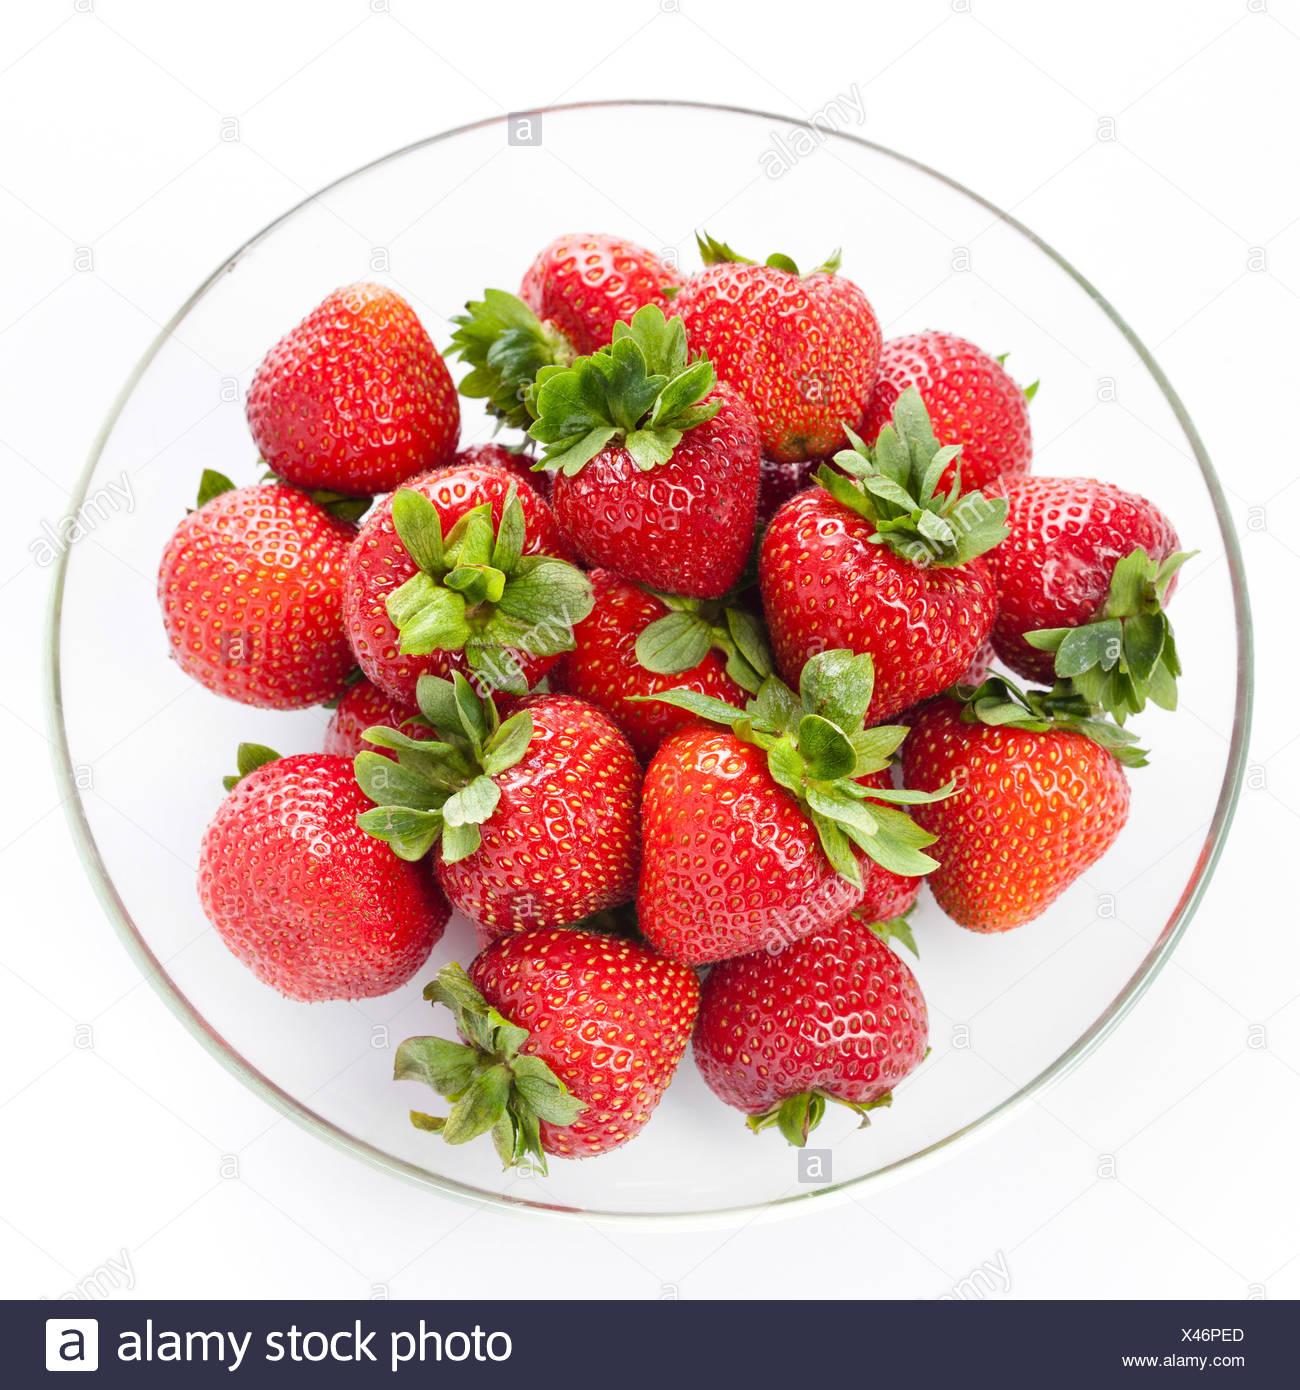 Plaque ronde en fraise sur fond blanc Photo Stock